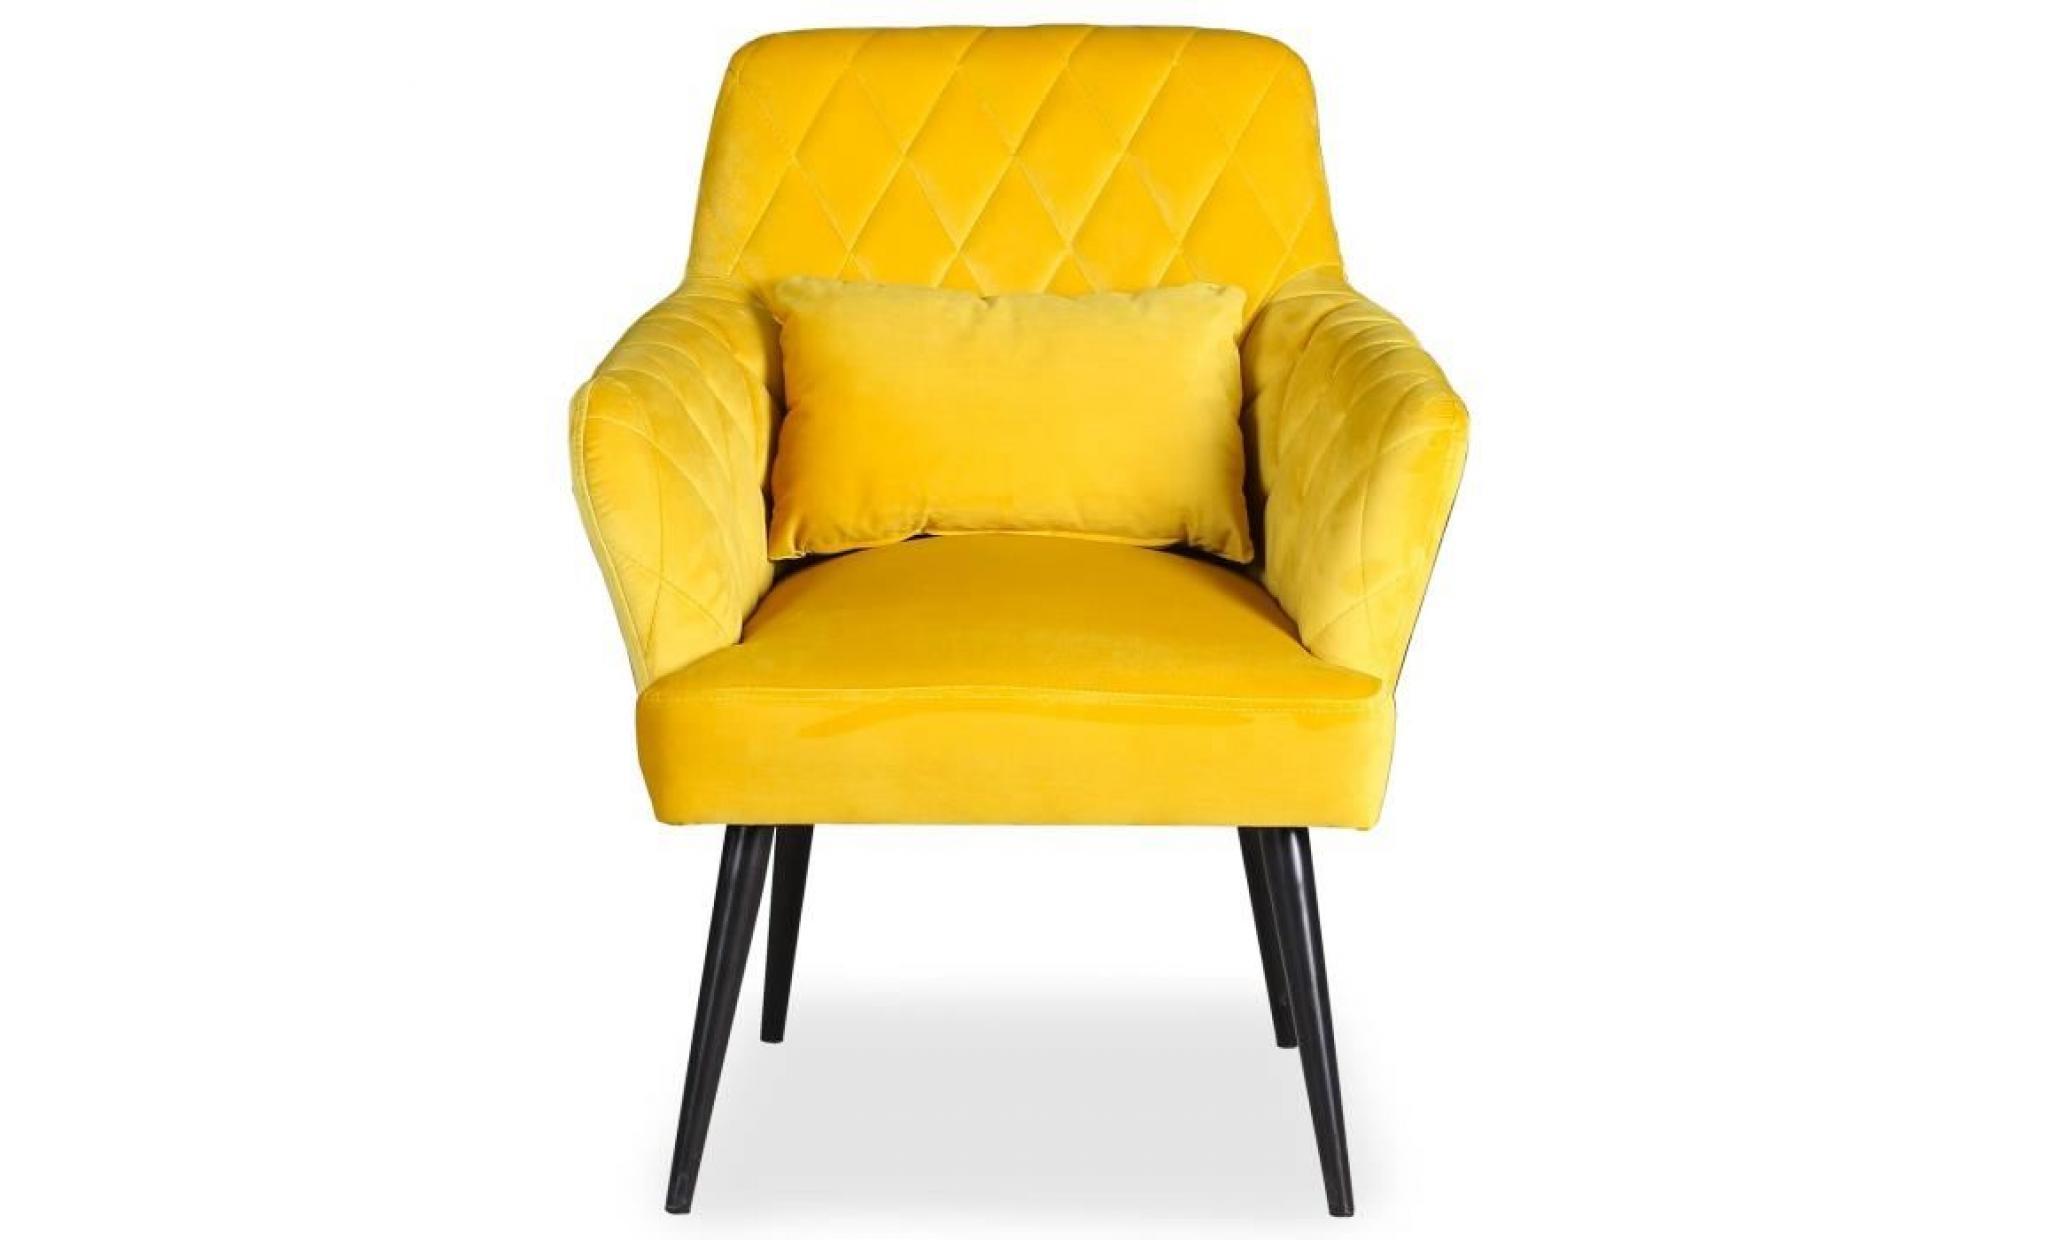 prix le plus bas 70885 b3960 fauteuil scandinave octave velours jaune